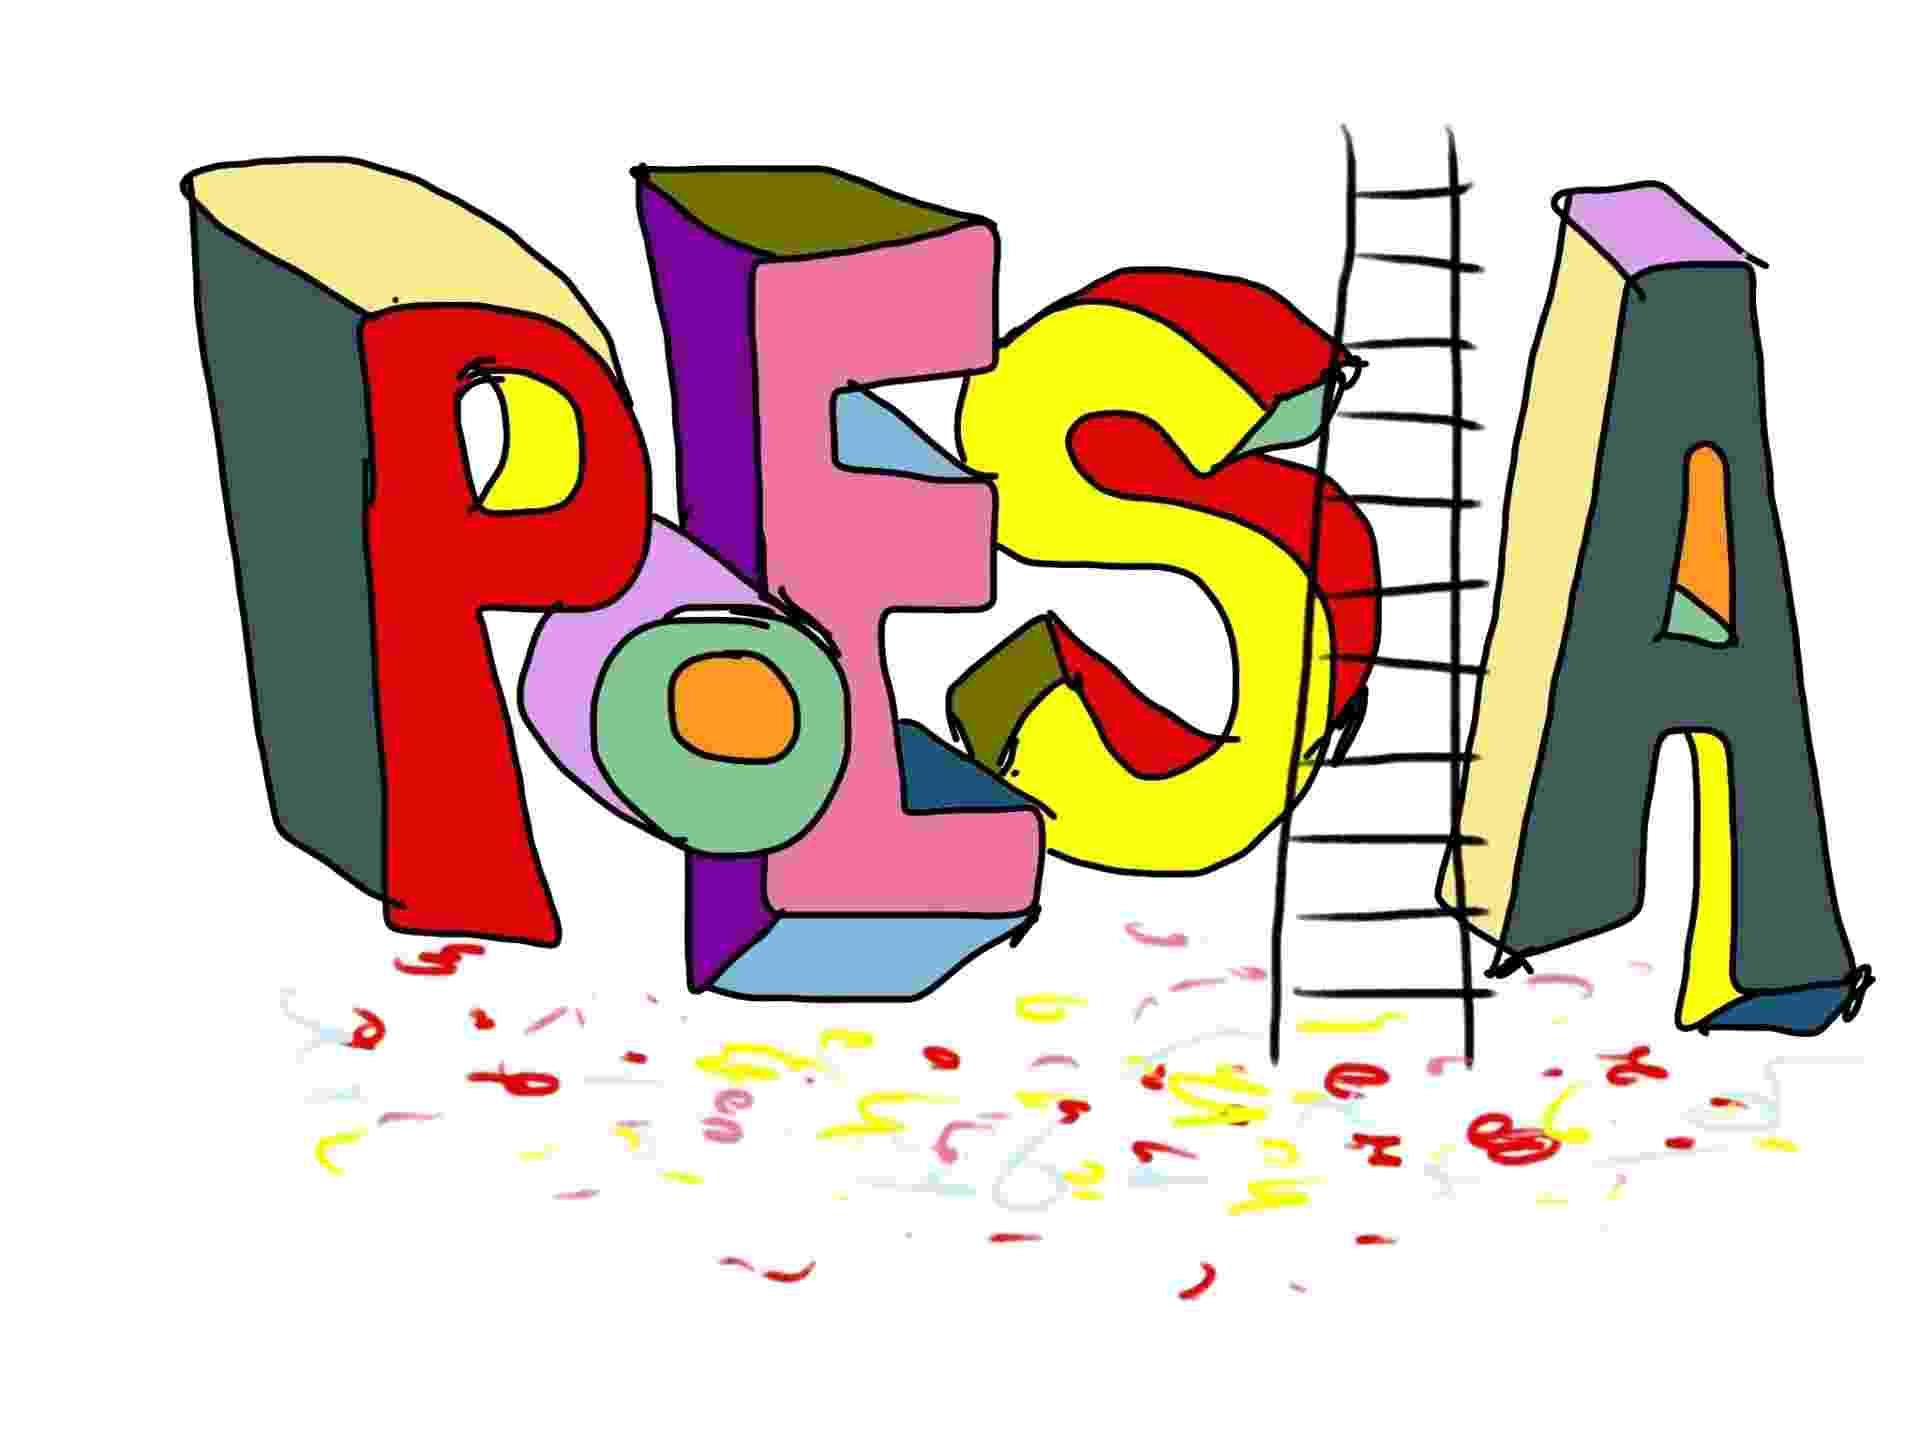 31.jul.2014 - Paraty amanheceu ostentando poesia --ao menos nas letras gigantes, que imitam o estilo de Millôr Fernandes, espalhadas pela cidade - Orlando